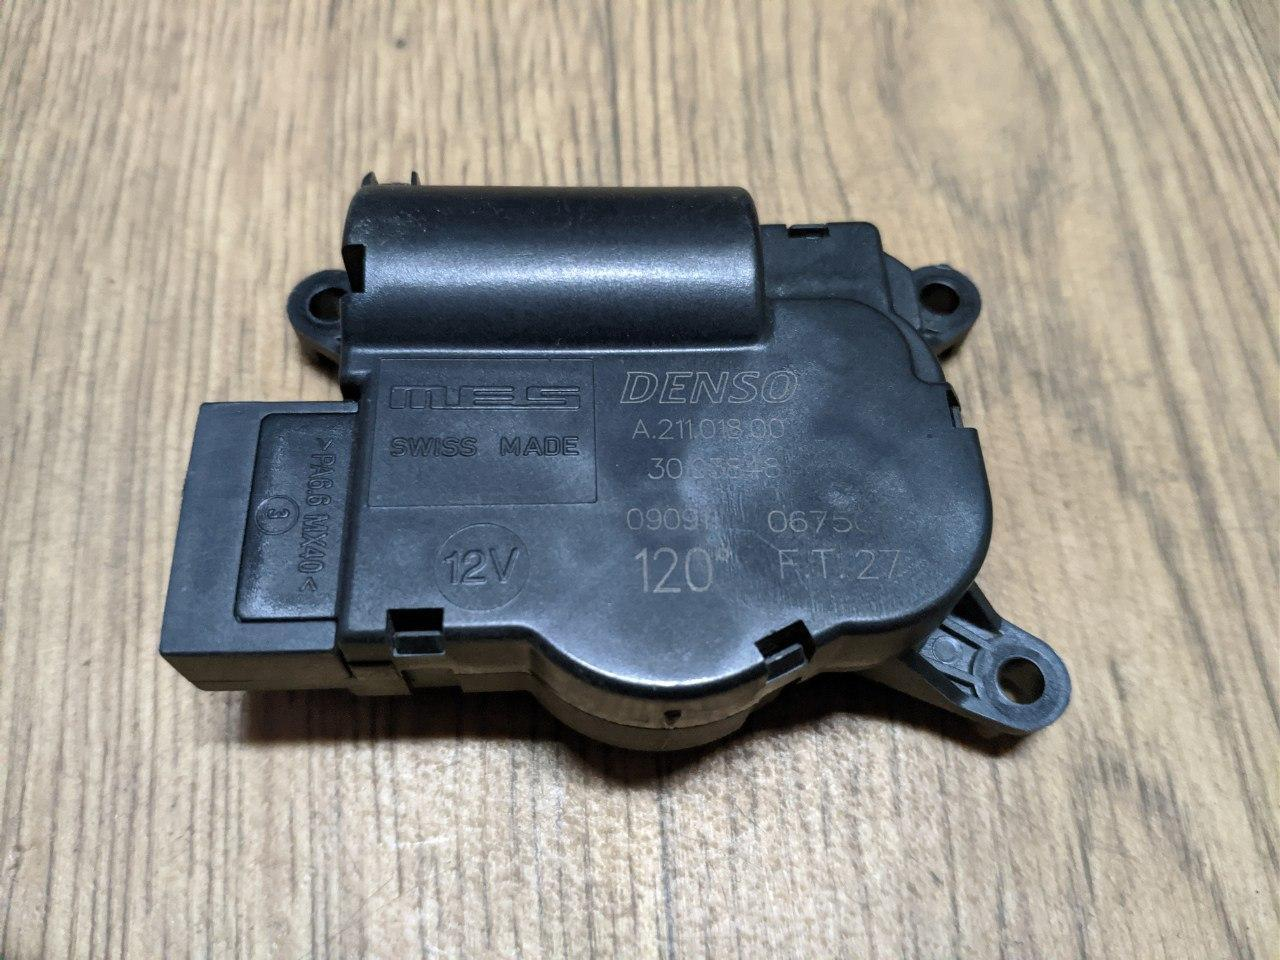 Моторчик заслонки печки Renault Master, Opel Movano 2010-, EAD511 (Б/У)